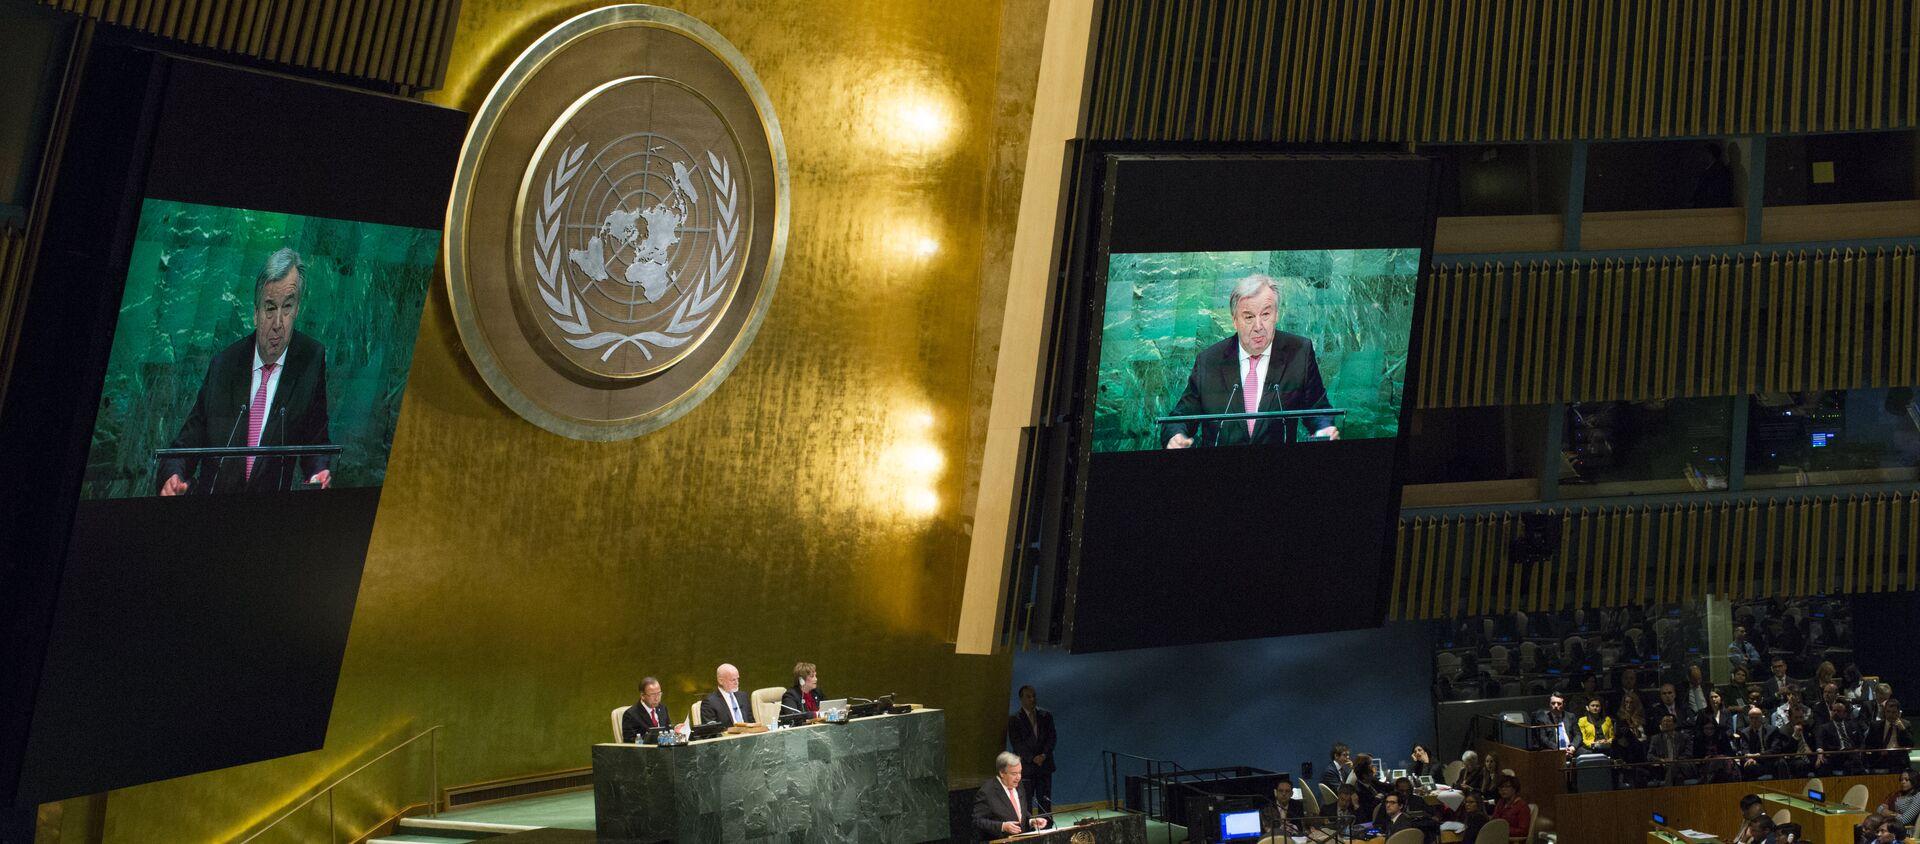 Заседание Генеральной ассамблеи ООН, фото из архива - Sputnik Азербайджан, 1920, 04.03.2021